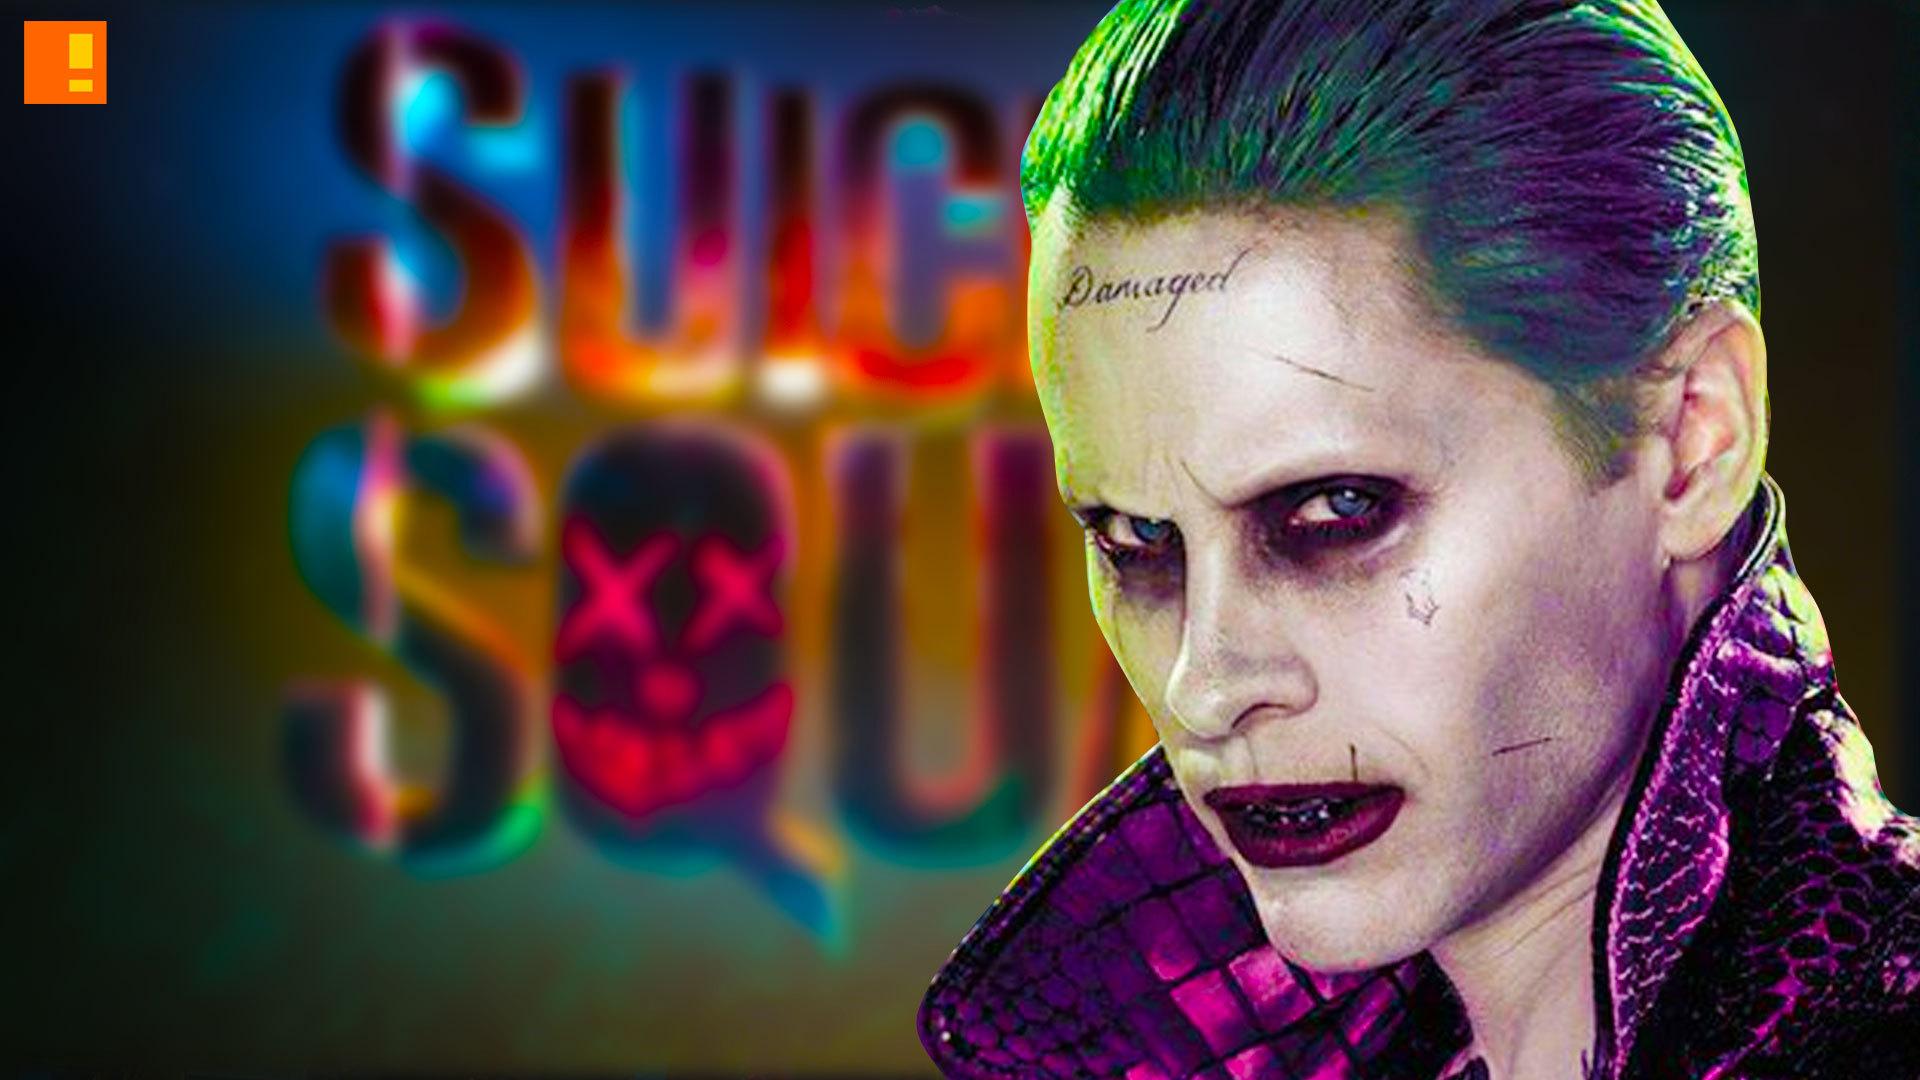 joker computer